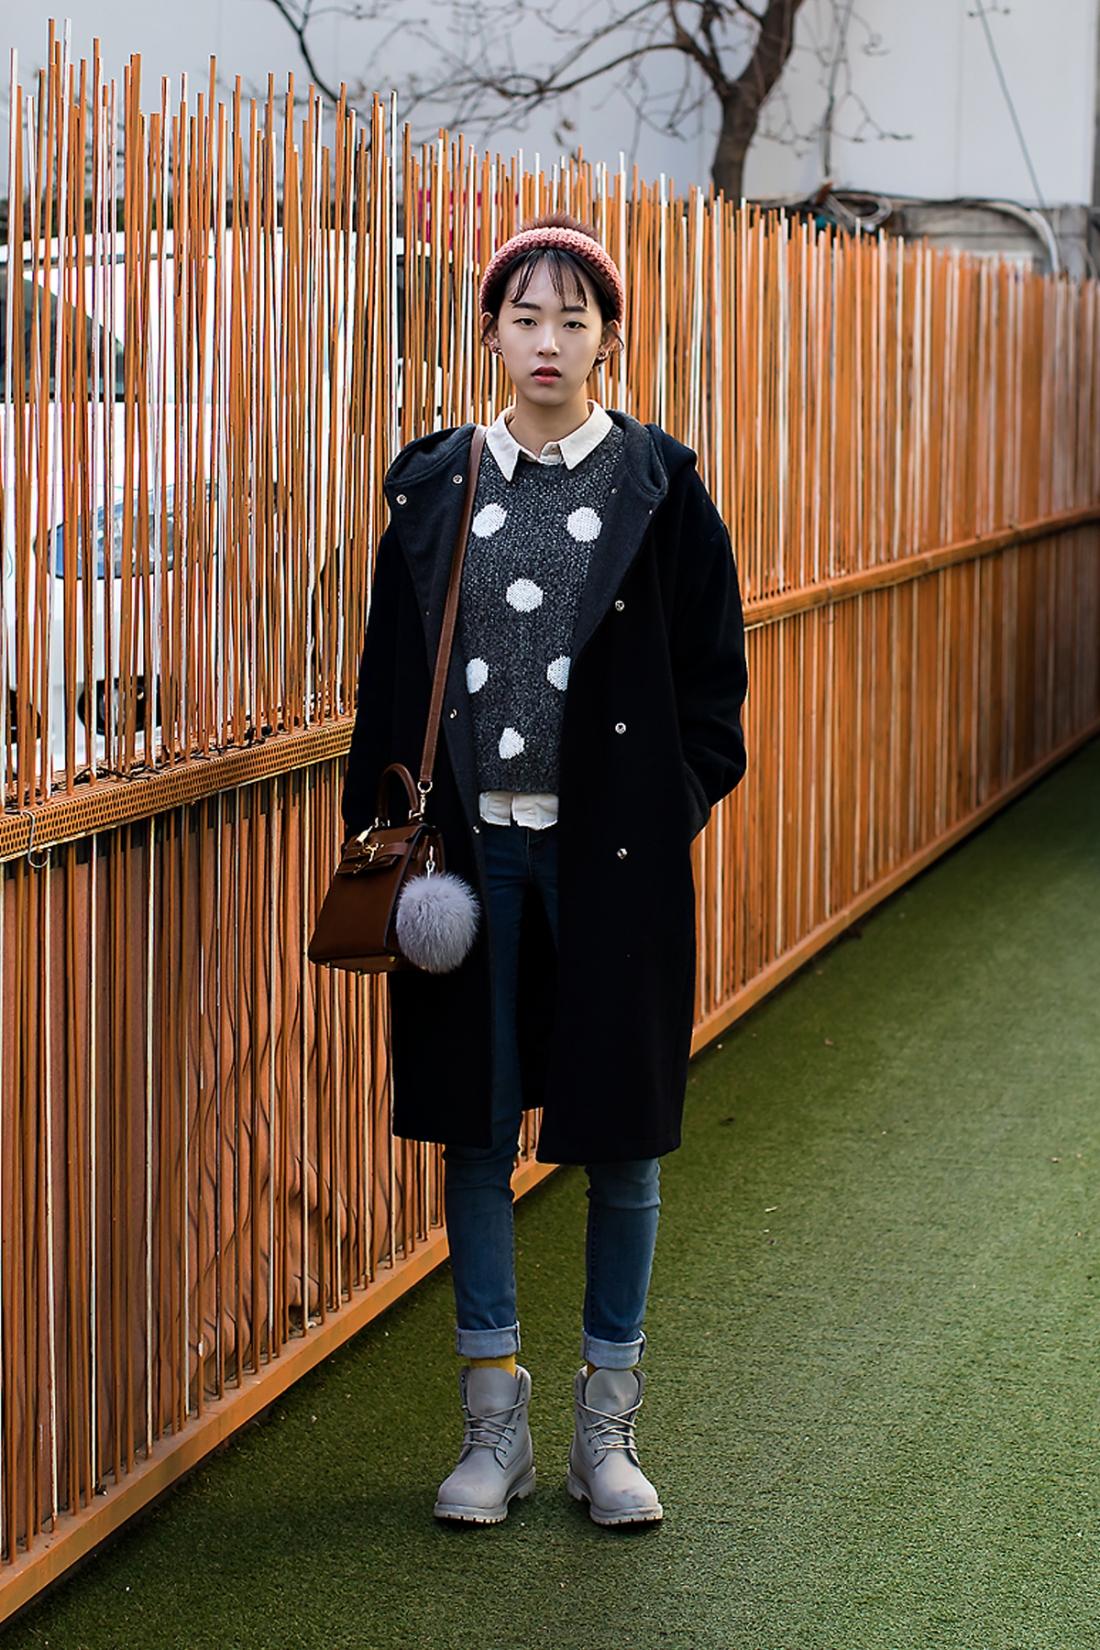 No Juhee, Street Fashion 2017 in SEOUL.jpg